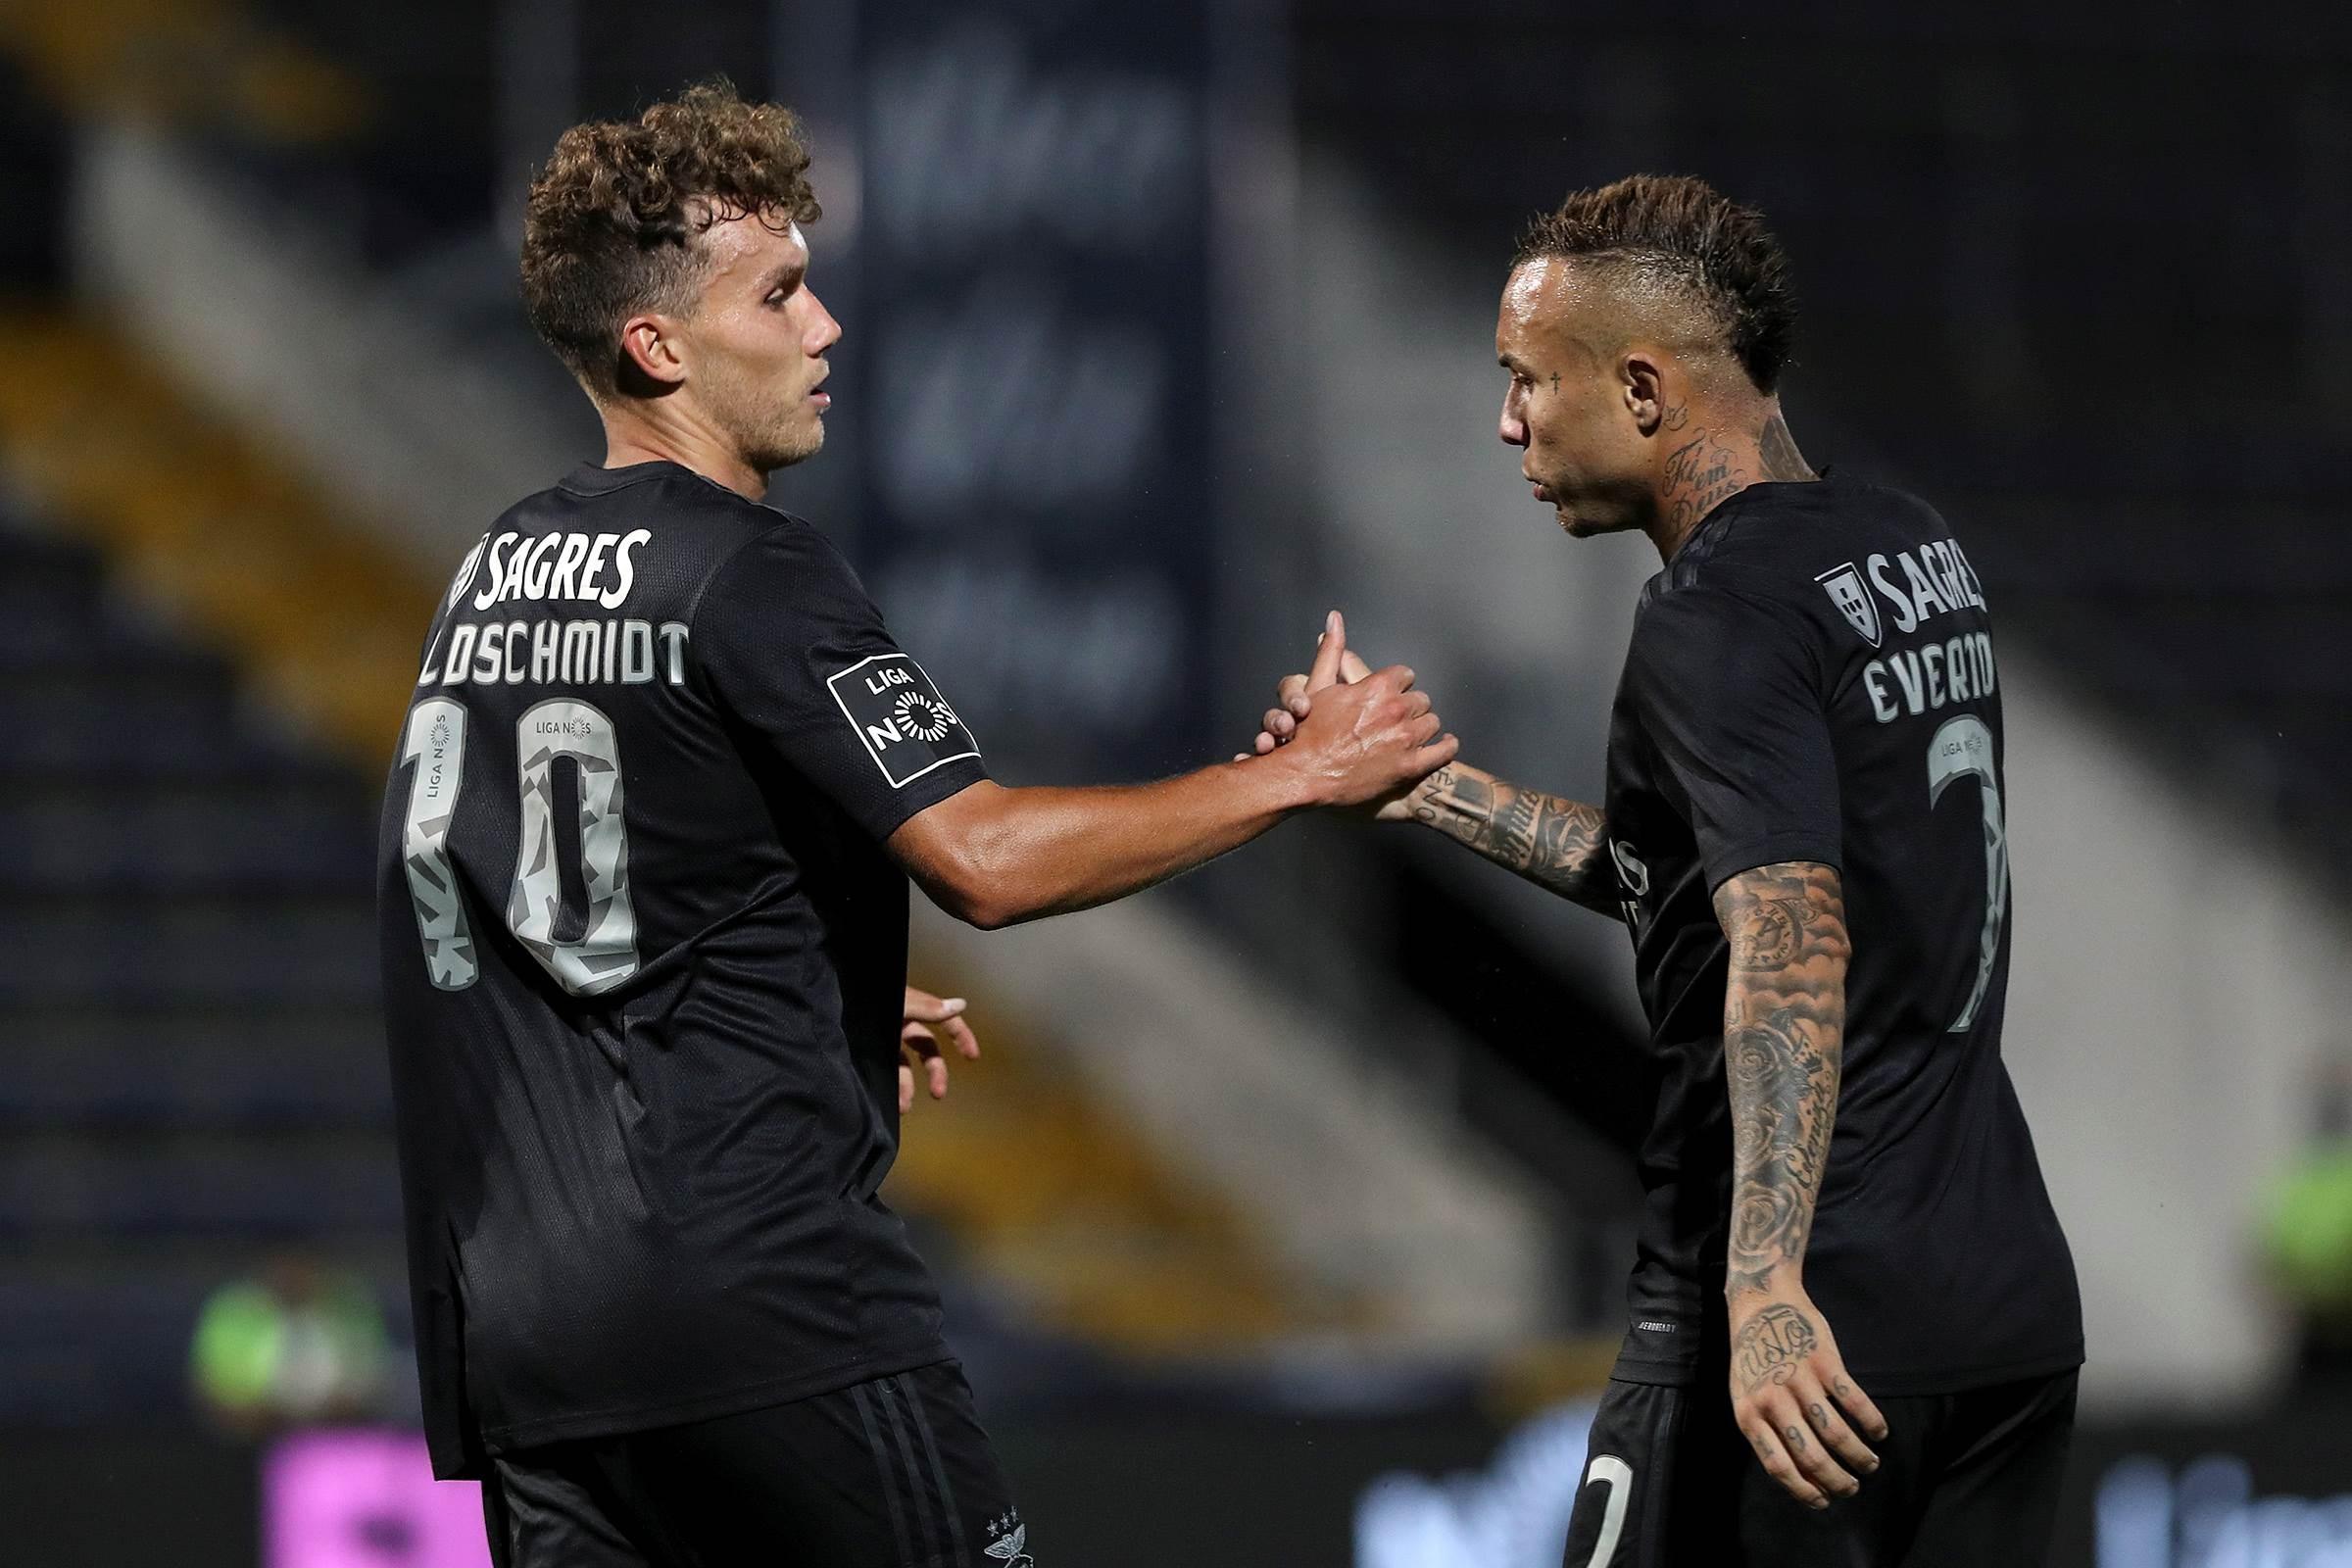 الدوري البرتغالي: بنفيكا يفتتح الموسم بخماسية